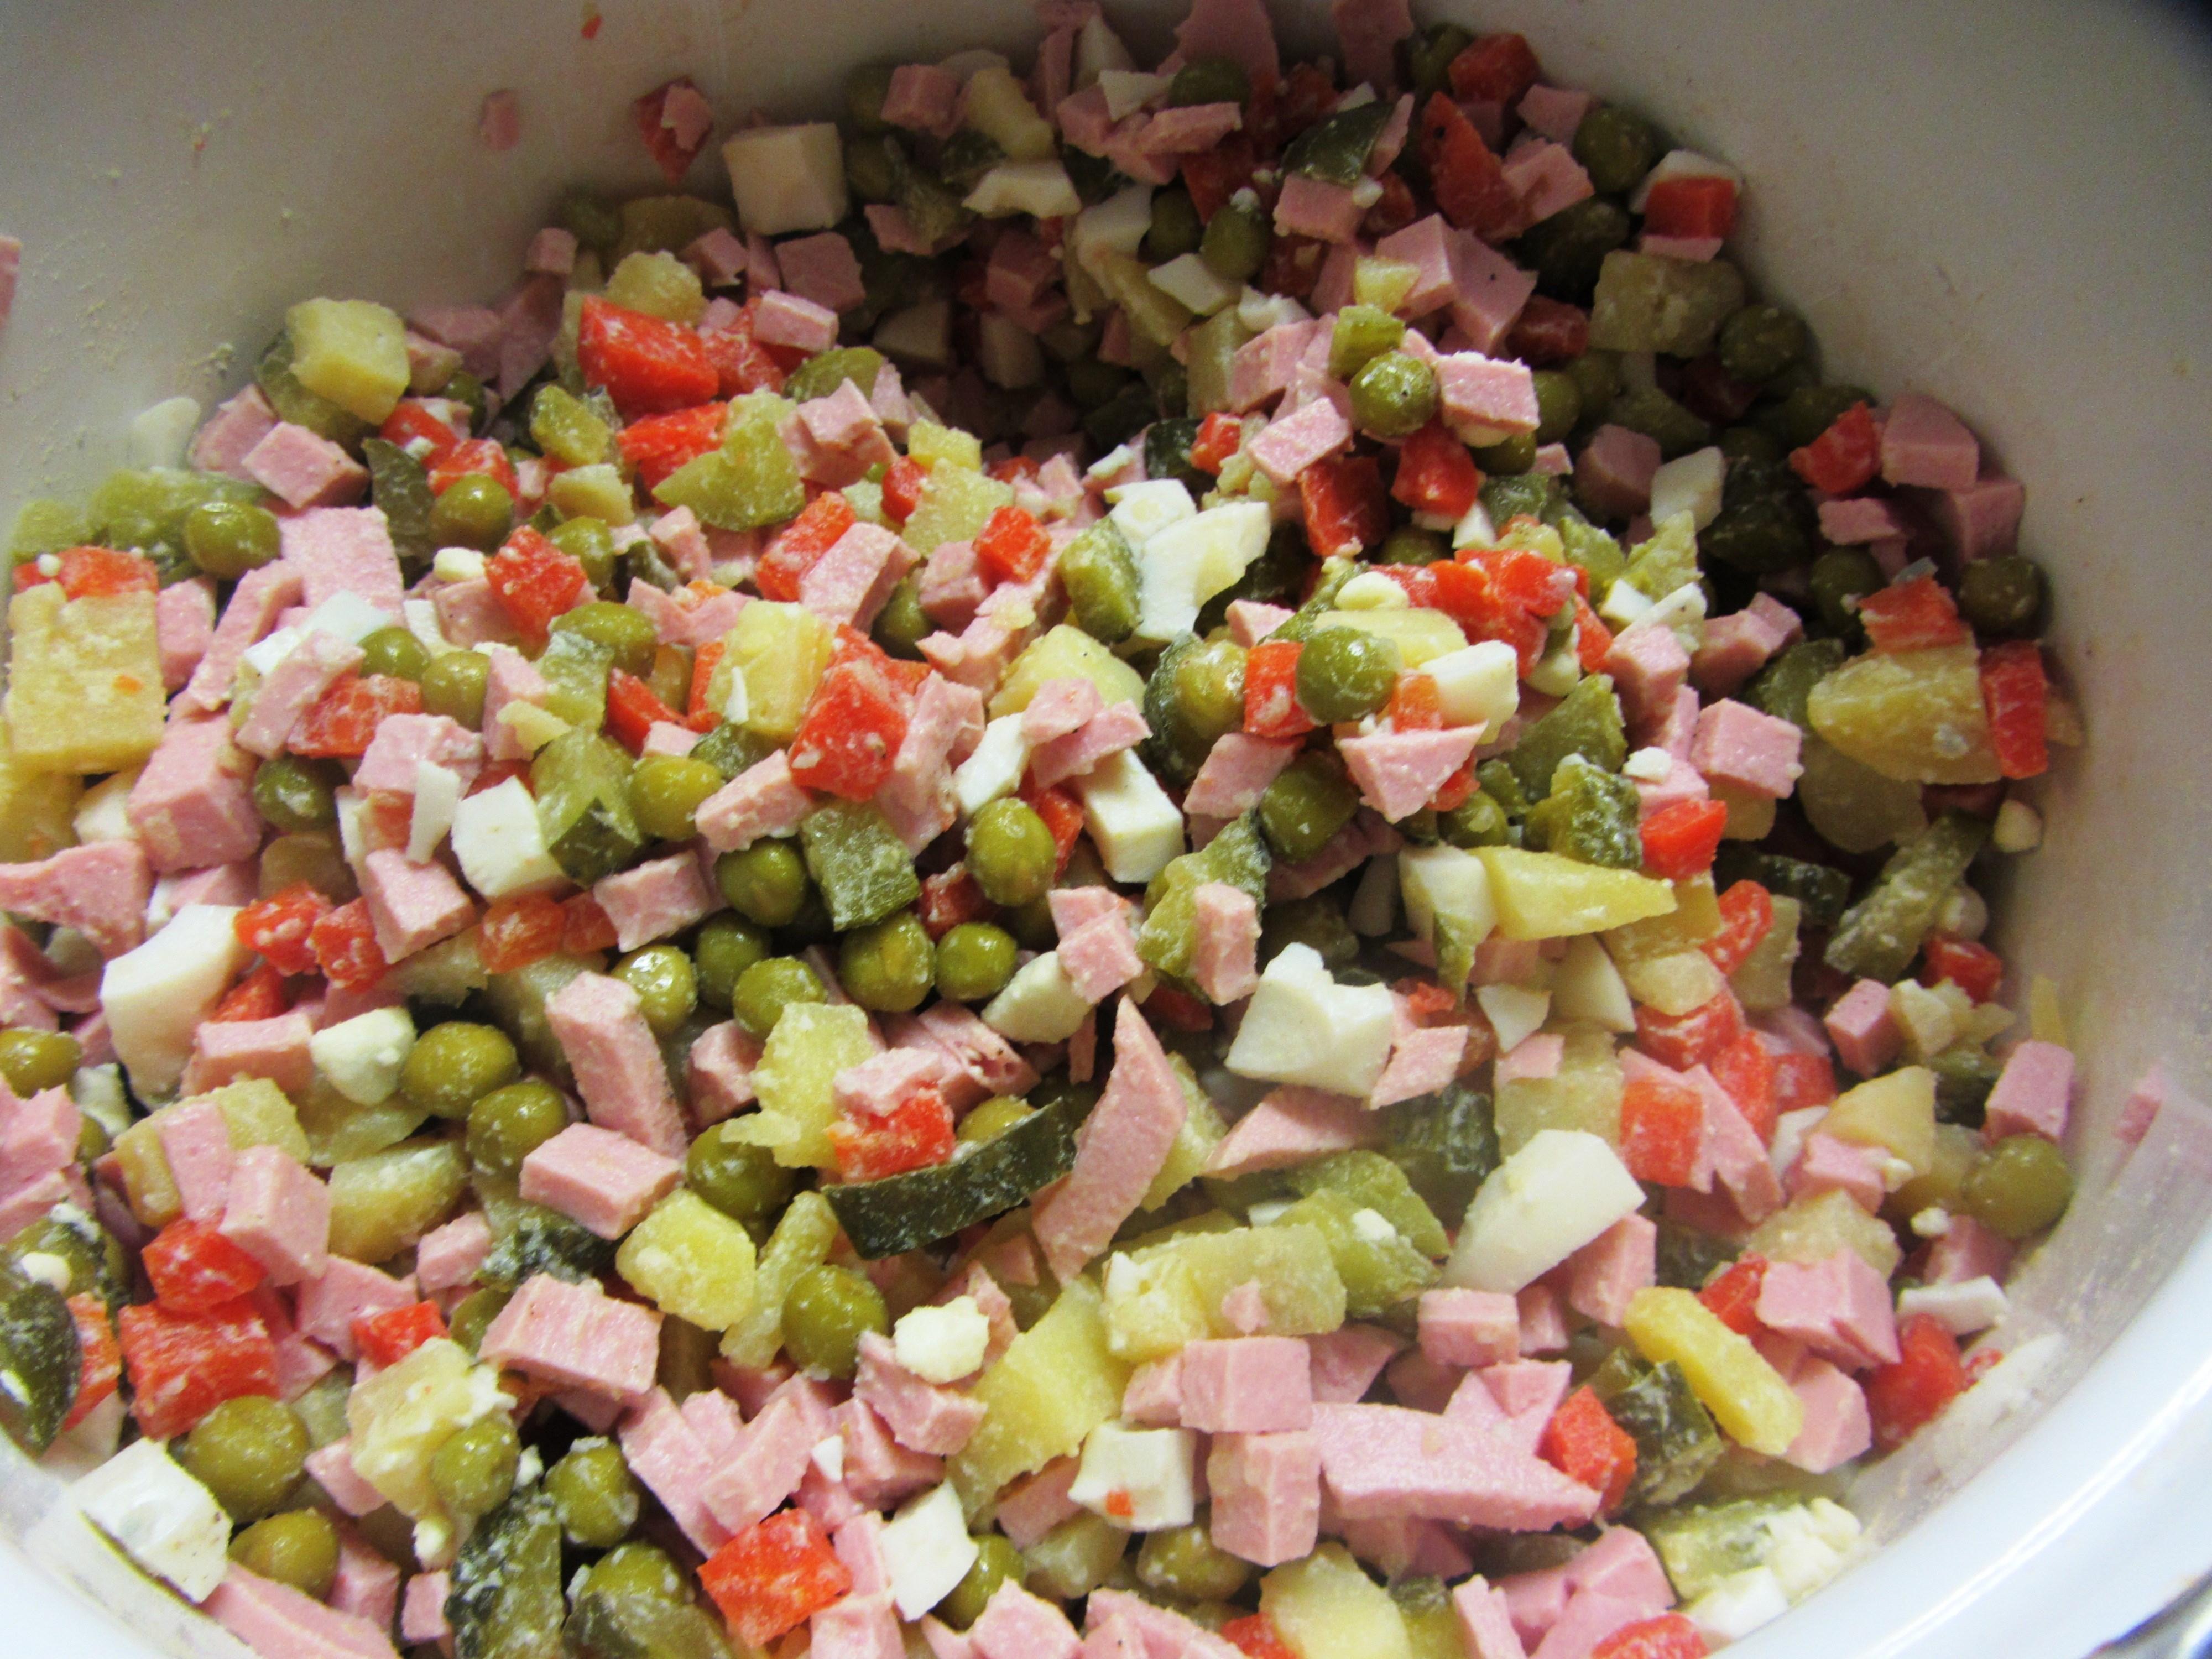 салат из вареных овощей рецепт с фото такими